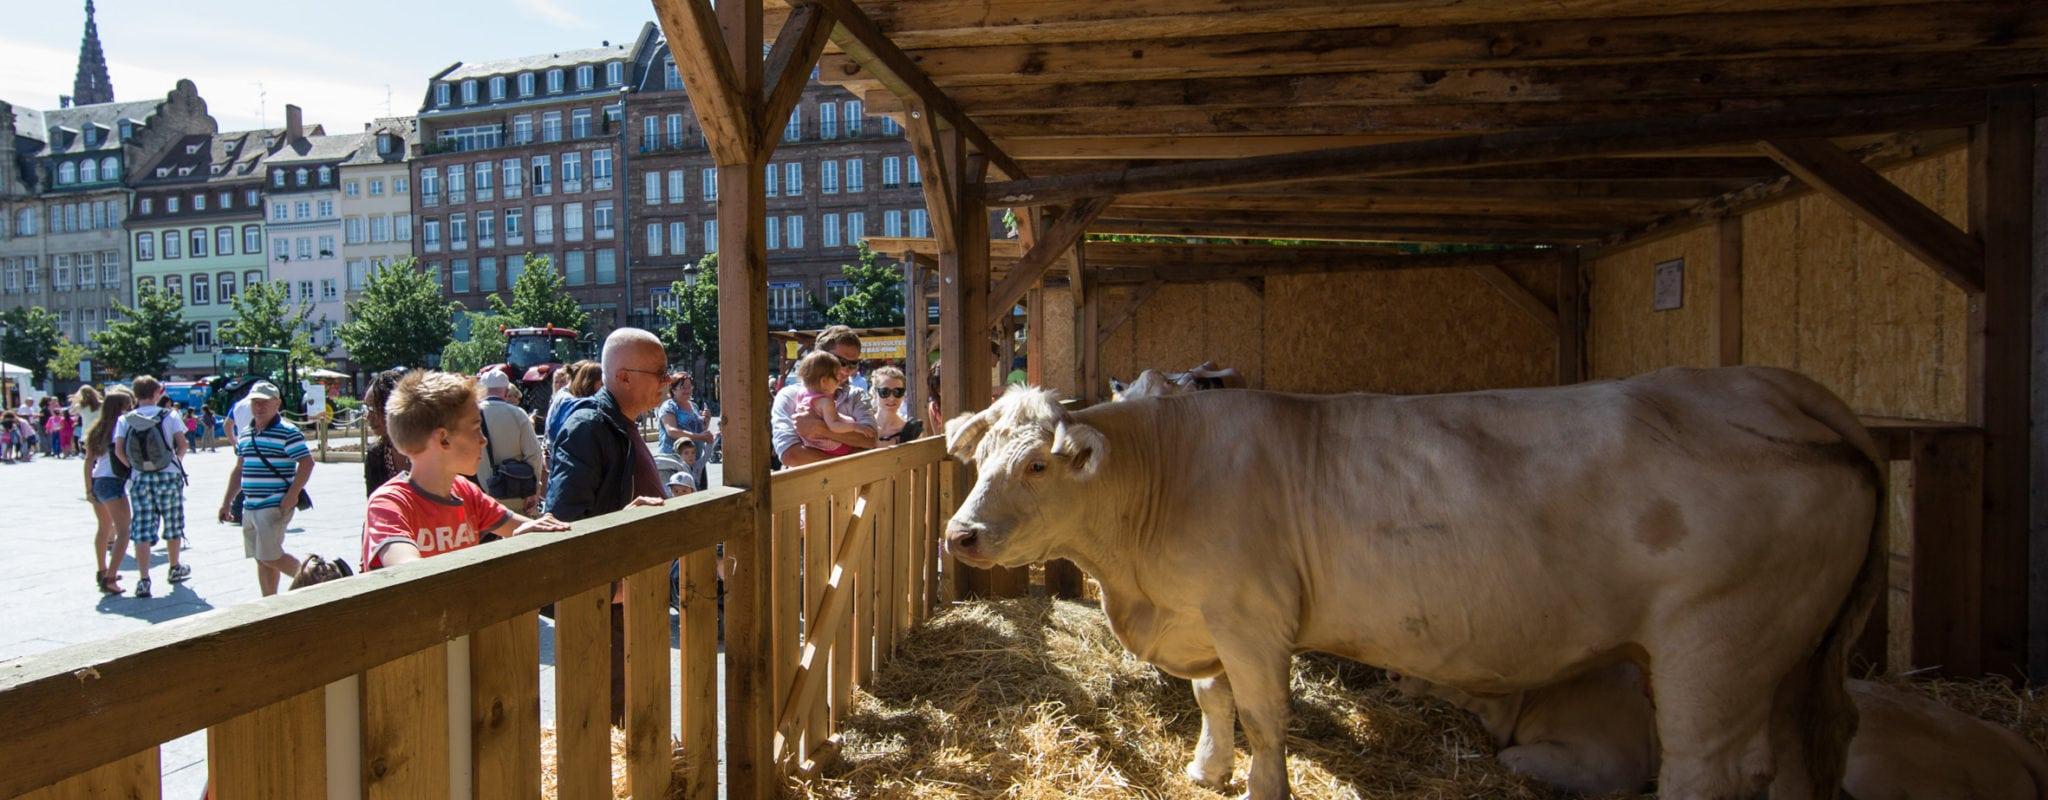 Veaux, vaches, cochons place Kléber à Strasbourg à partir de jeudi